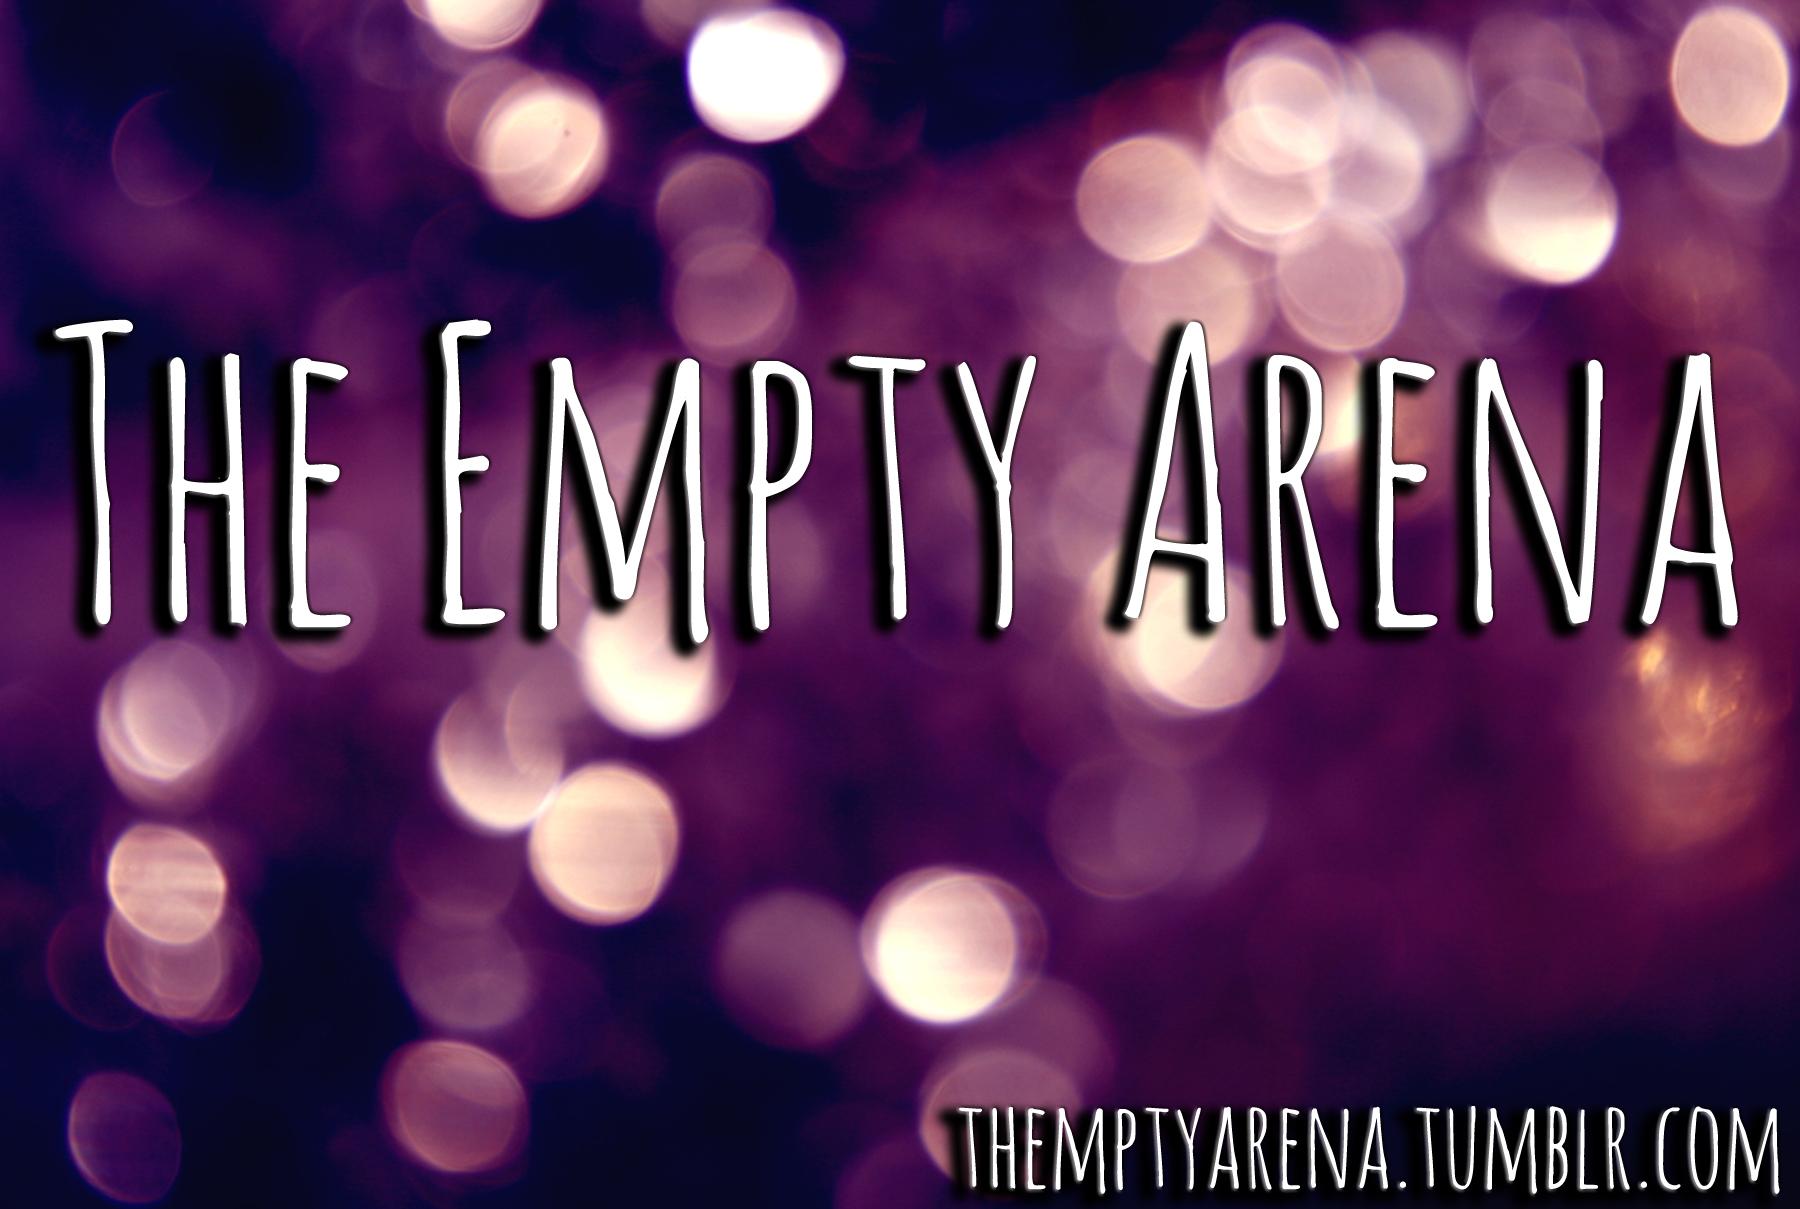 the empty arena